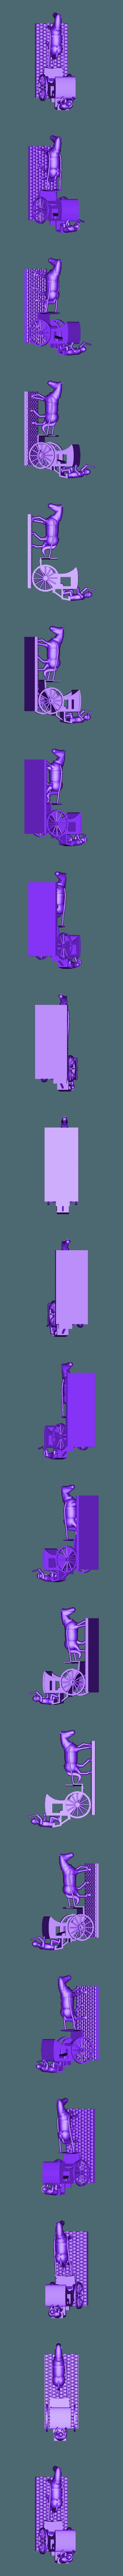 hansom1.stl Télécharger fichier STL gratuit Ripper's London - Le taxi Hansom • Modèle pour impression 3D, Earsling